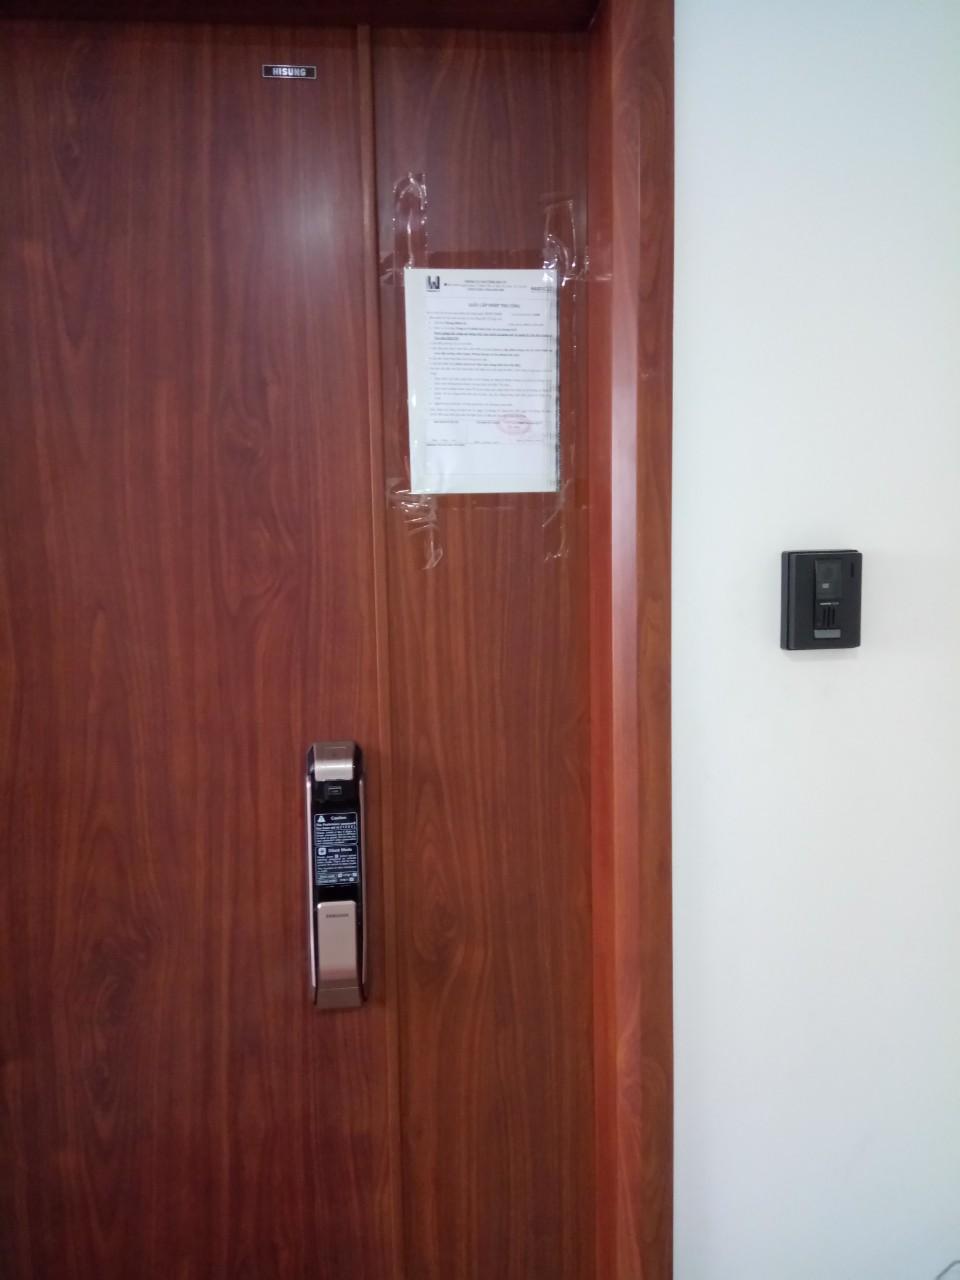 Khóa cửa samsung 718 - N03 T5 Ngoại Giao Đoàn